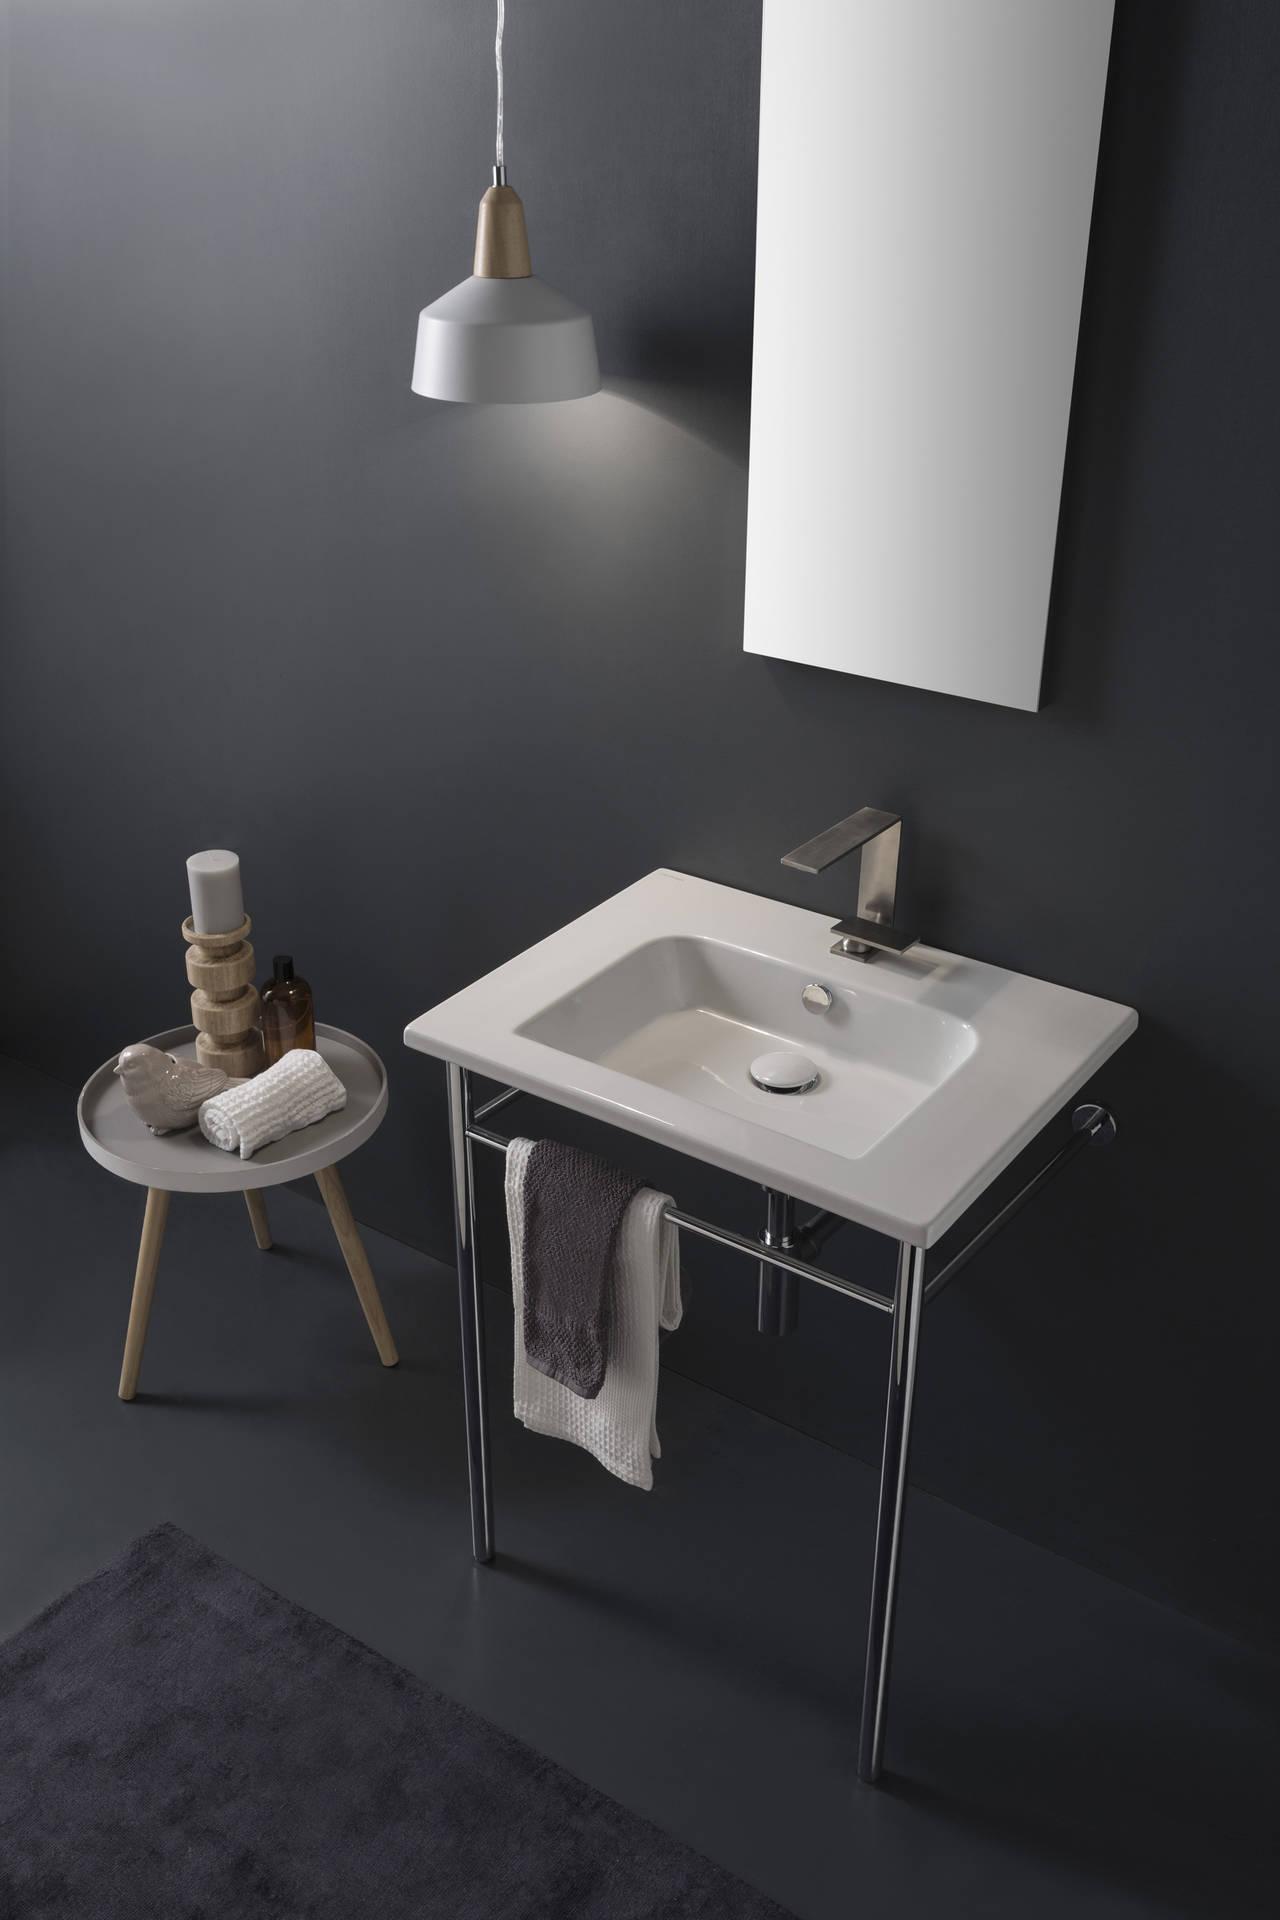 Predisposti per rubinetteria monoforo, e su richiesta per rubinetteria tre fori o senza per rubinetteria da parete, i lavabi Etra vengono proposti nella versiona sospesa